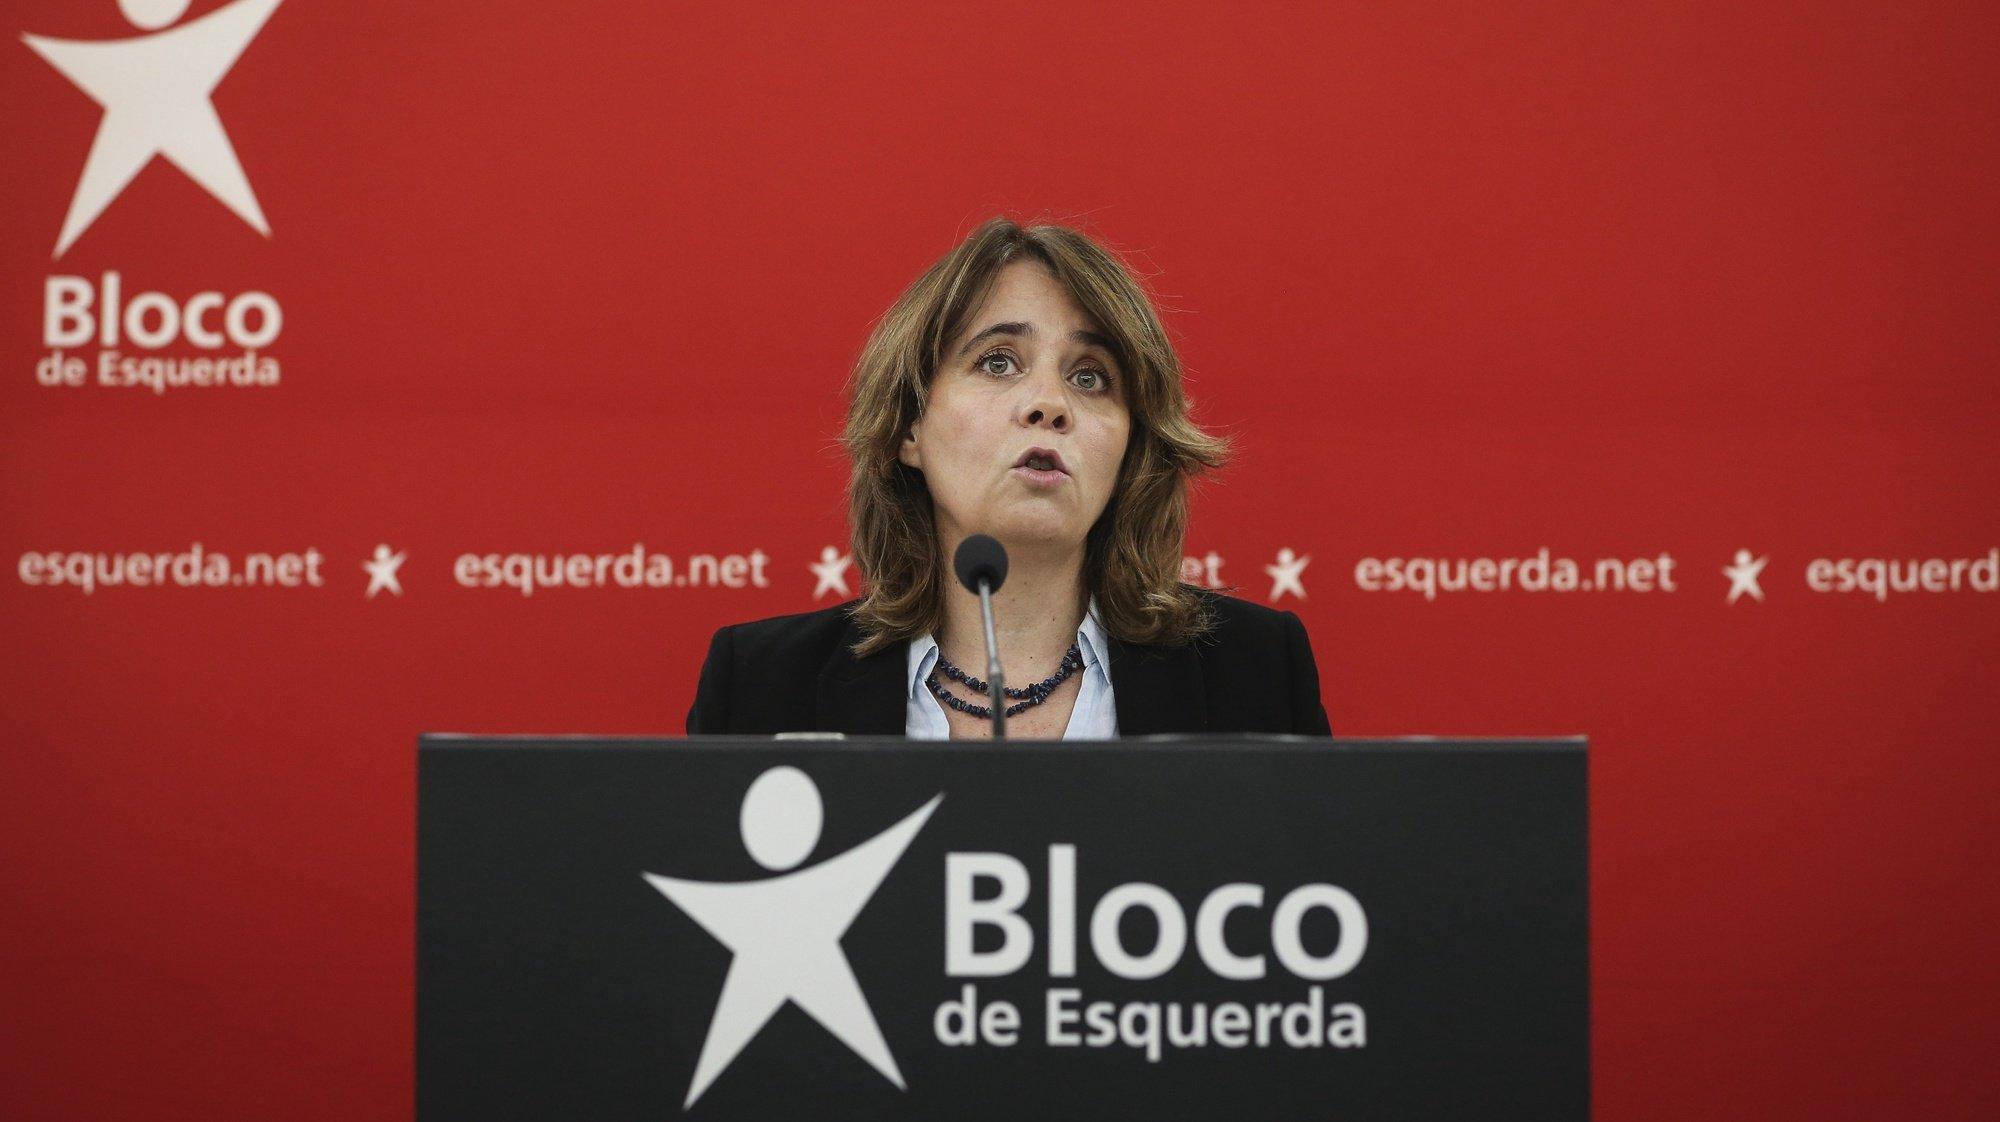 A coordenadora do Bloco de Esquerda (BE), Catarina Martins, discursa durante uma conferência de imprensa de apresentação das conclusões da reunião da mesa nacional, na sede do partido, em Lisboa, 06 de março de 2021.  RODRIGO ANTUNES/LUSA